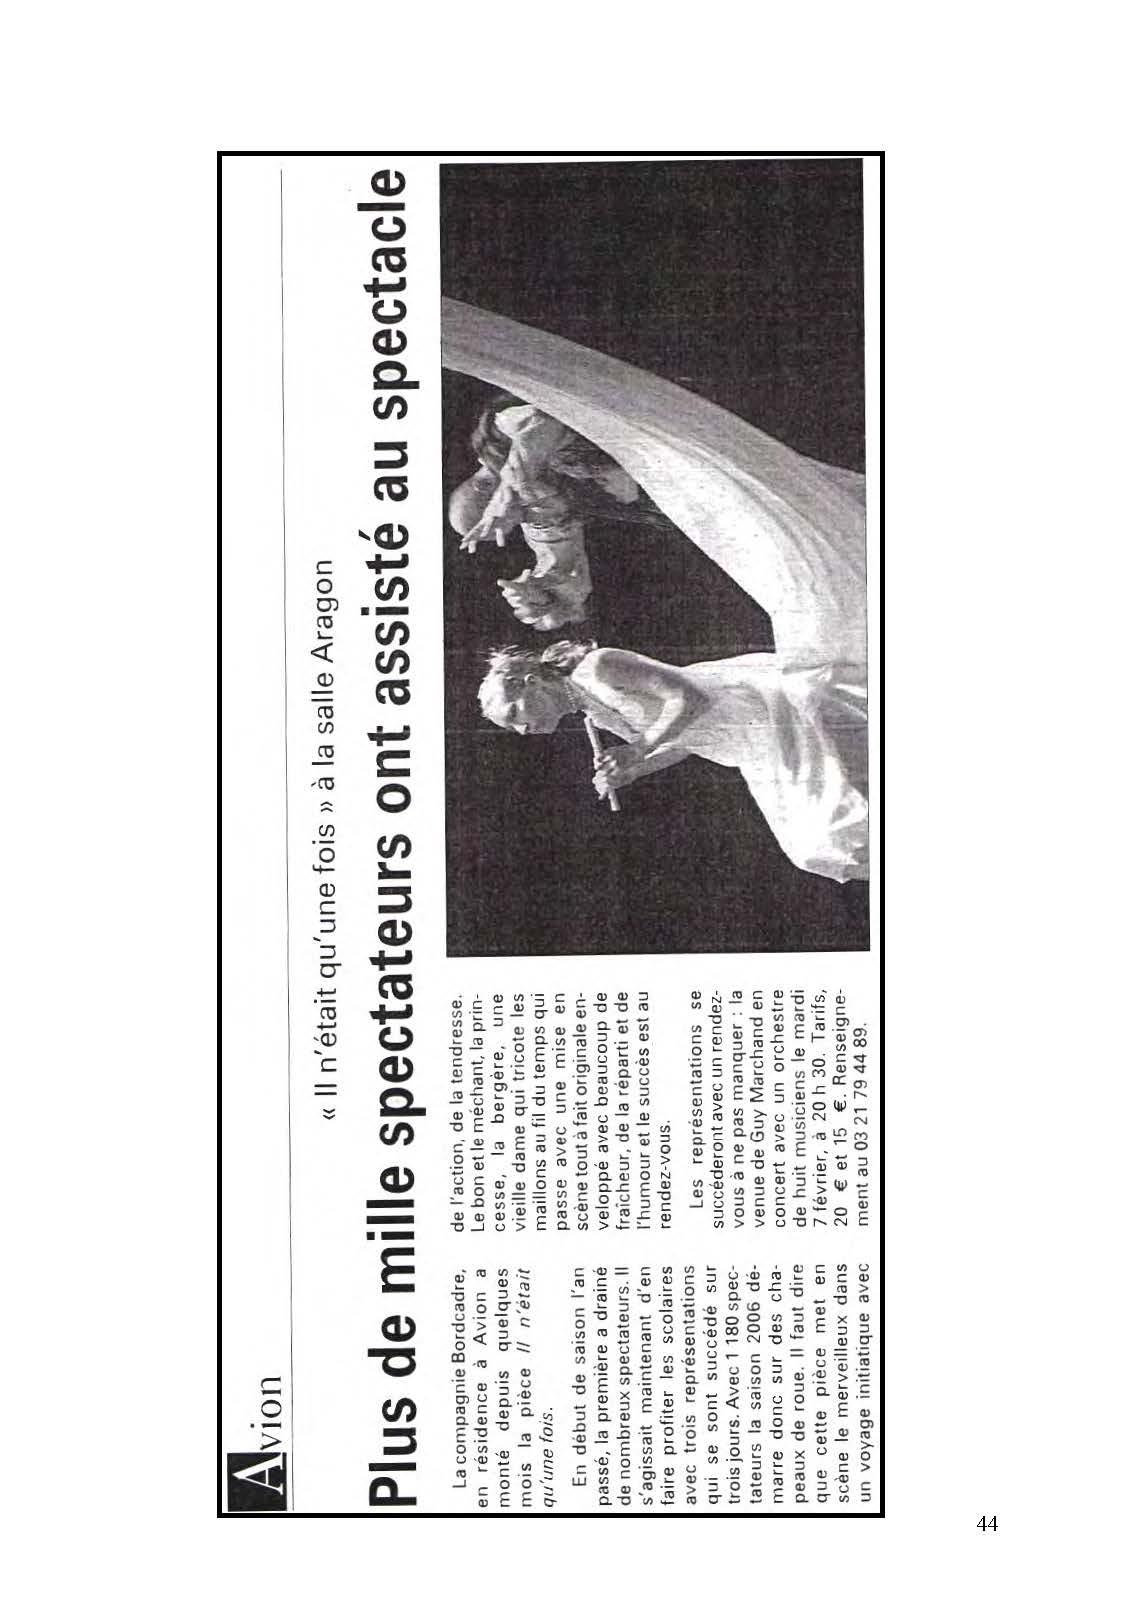 LA NUIT JUSTE AVANT LES FORÊTS - Revue de presse de BordCadre & Cécile Rist_Page_40